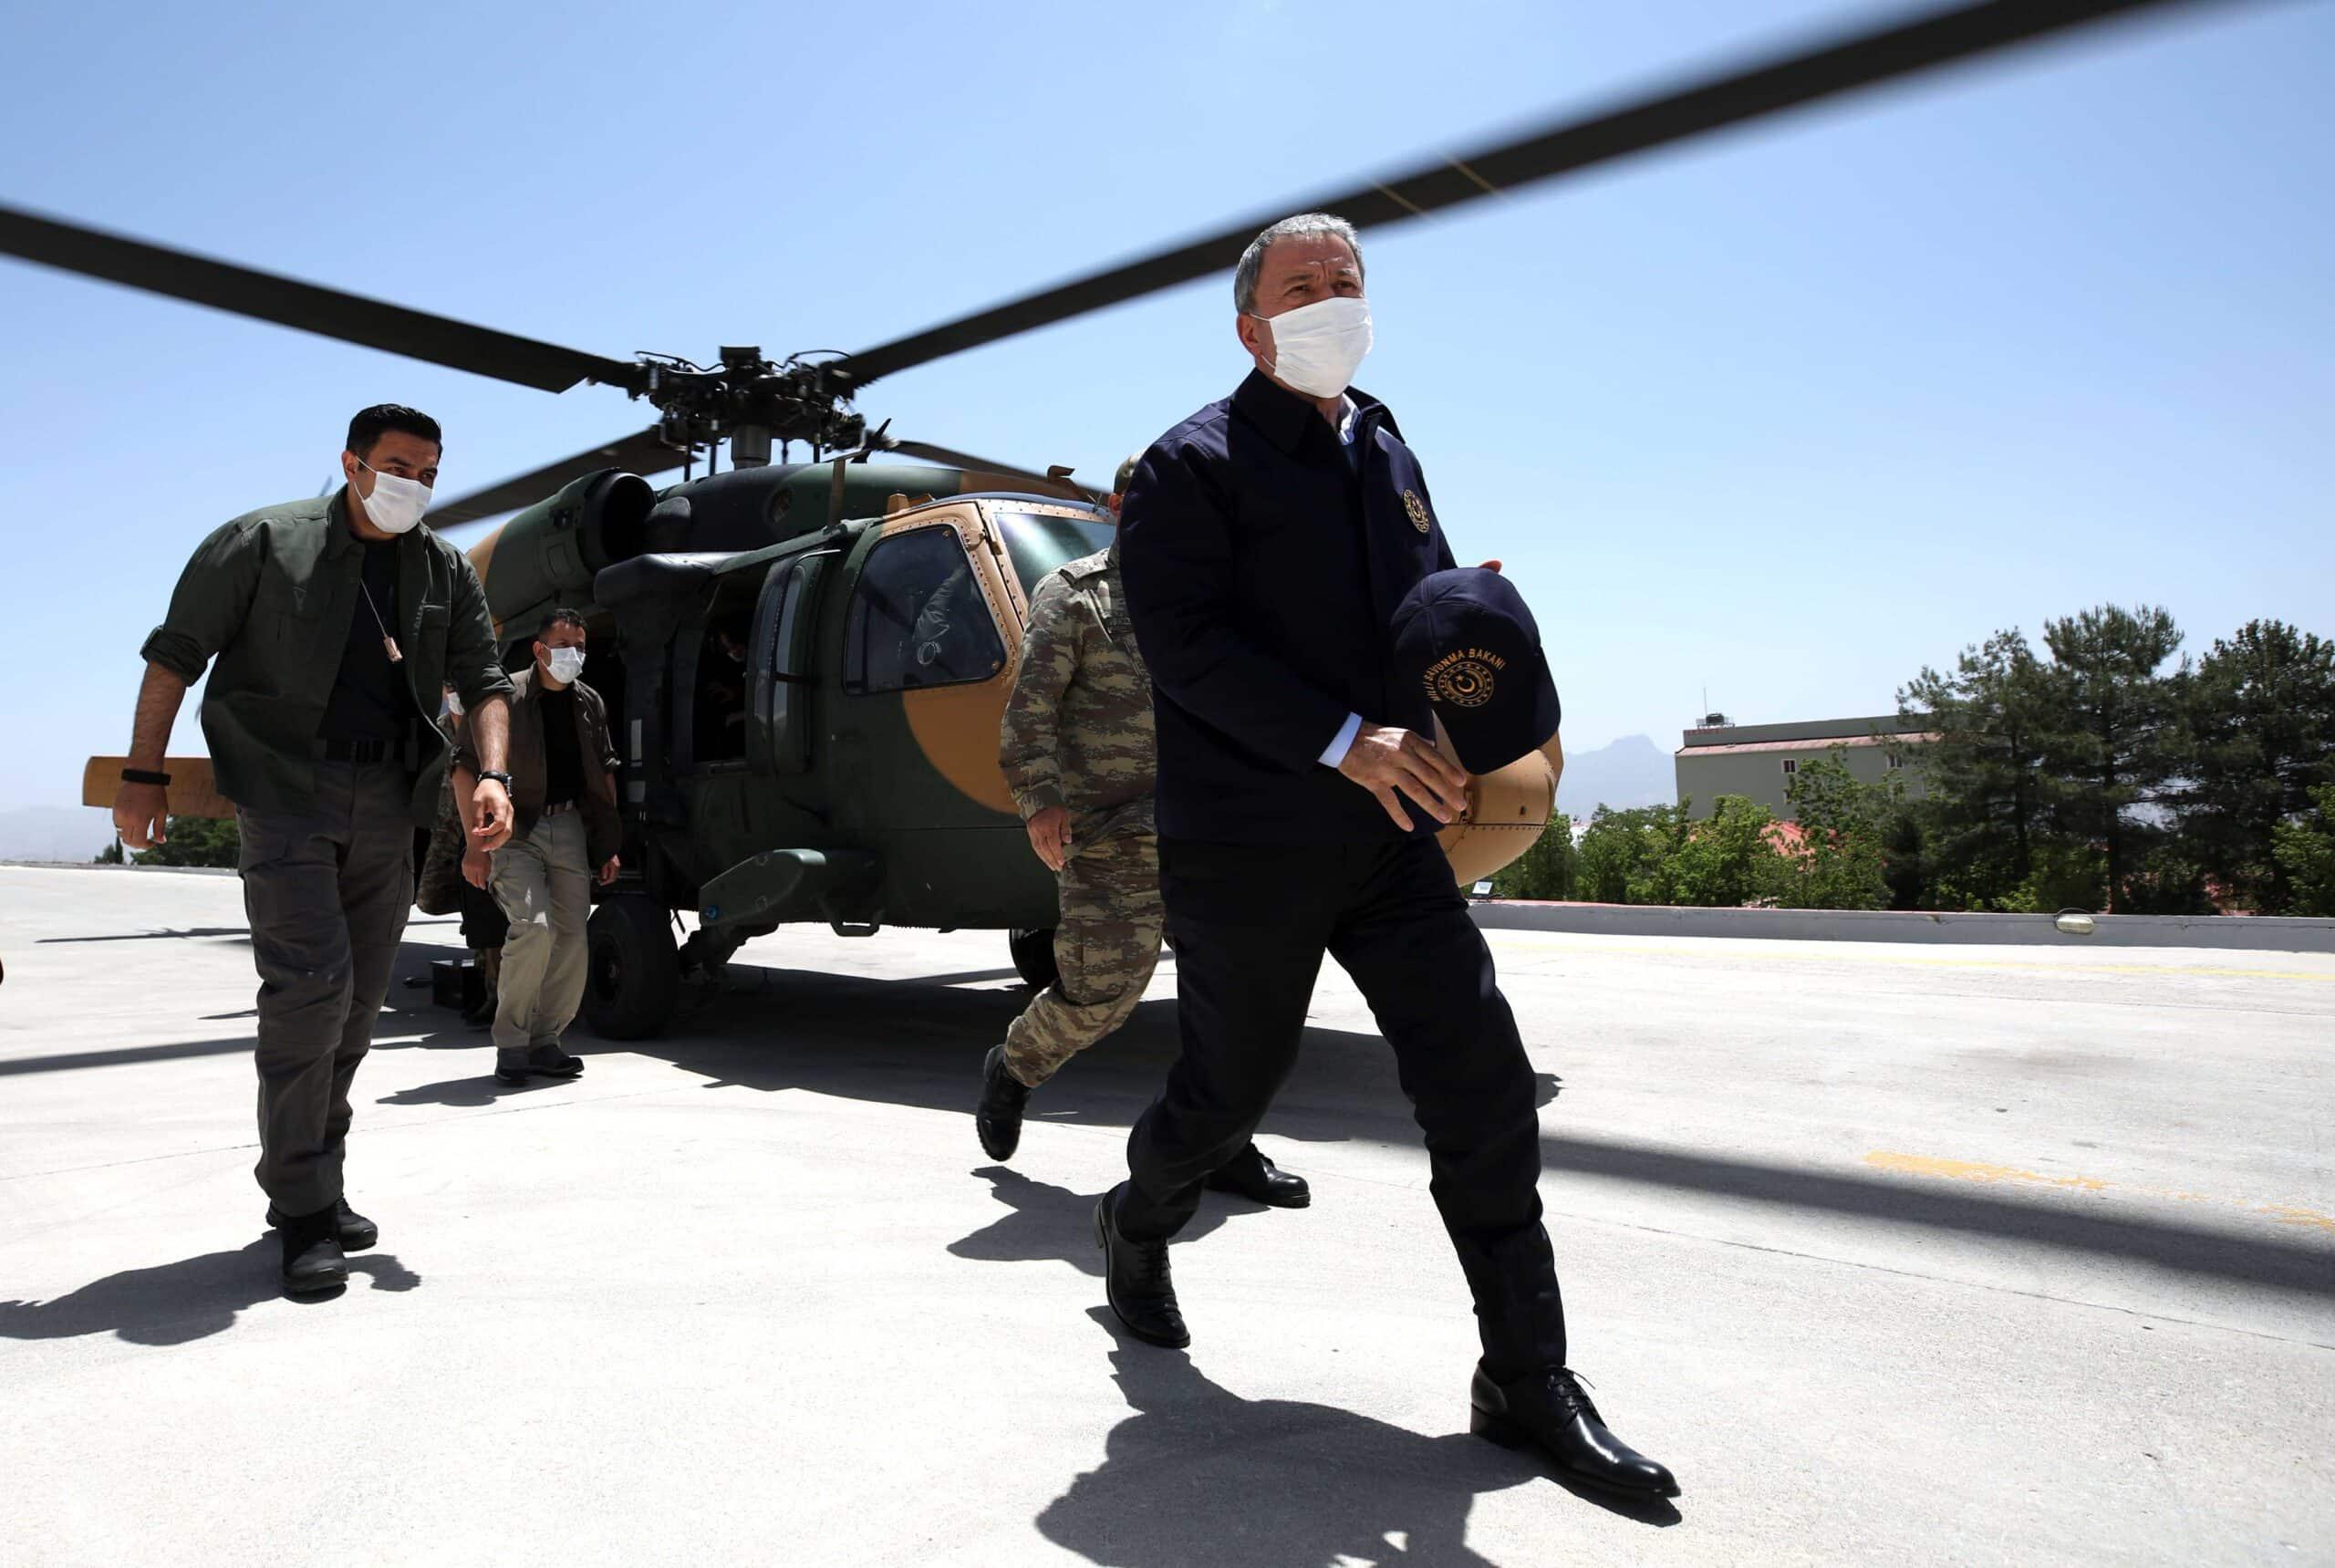 وزير الدفاع التركي وقادة الجيش يزورون شمال العراق